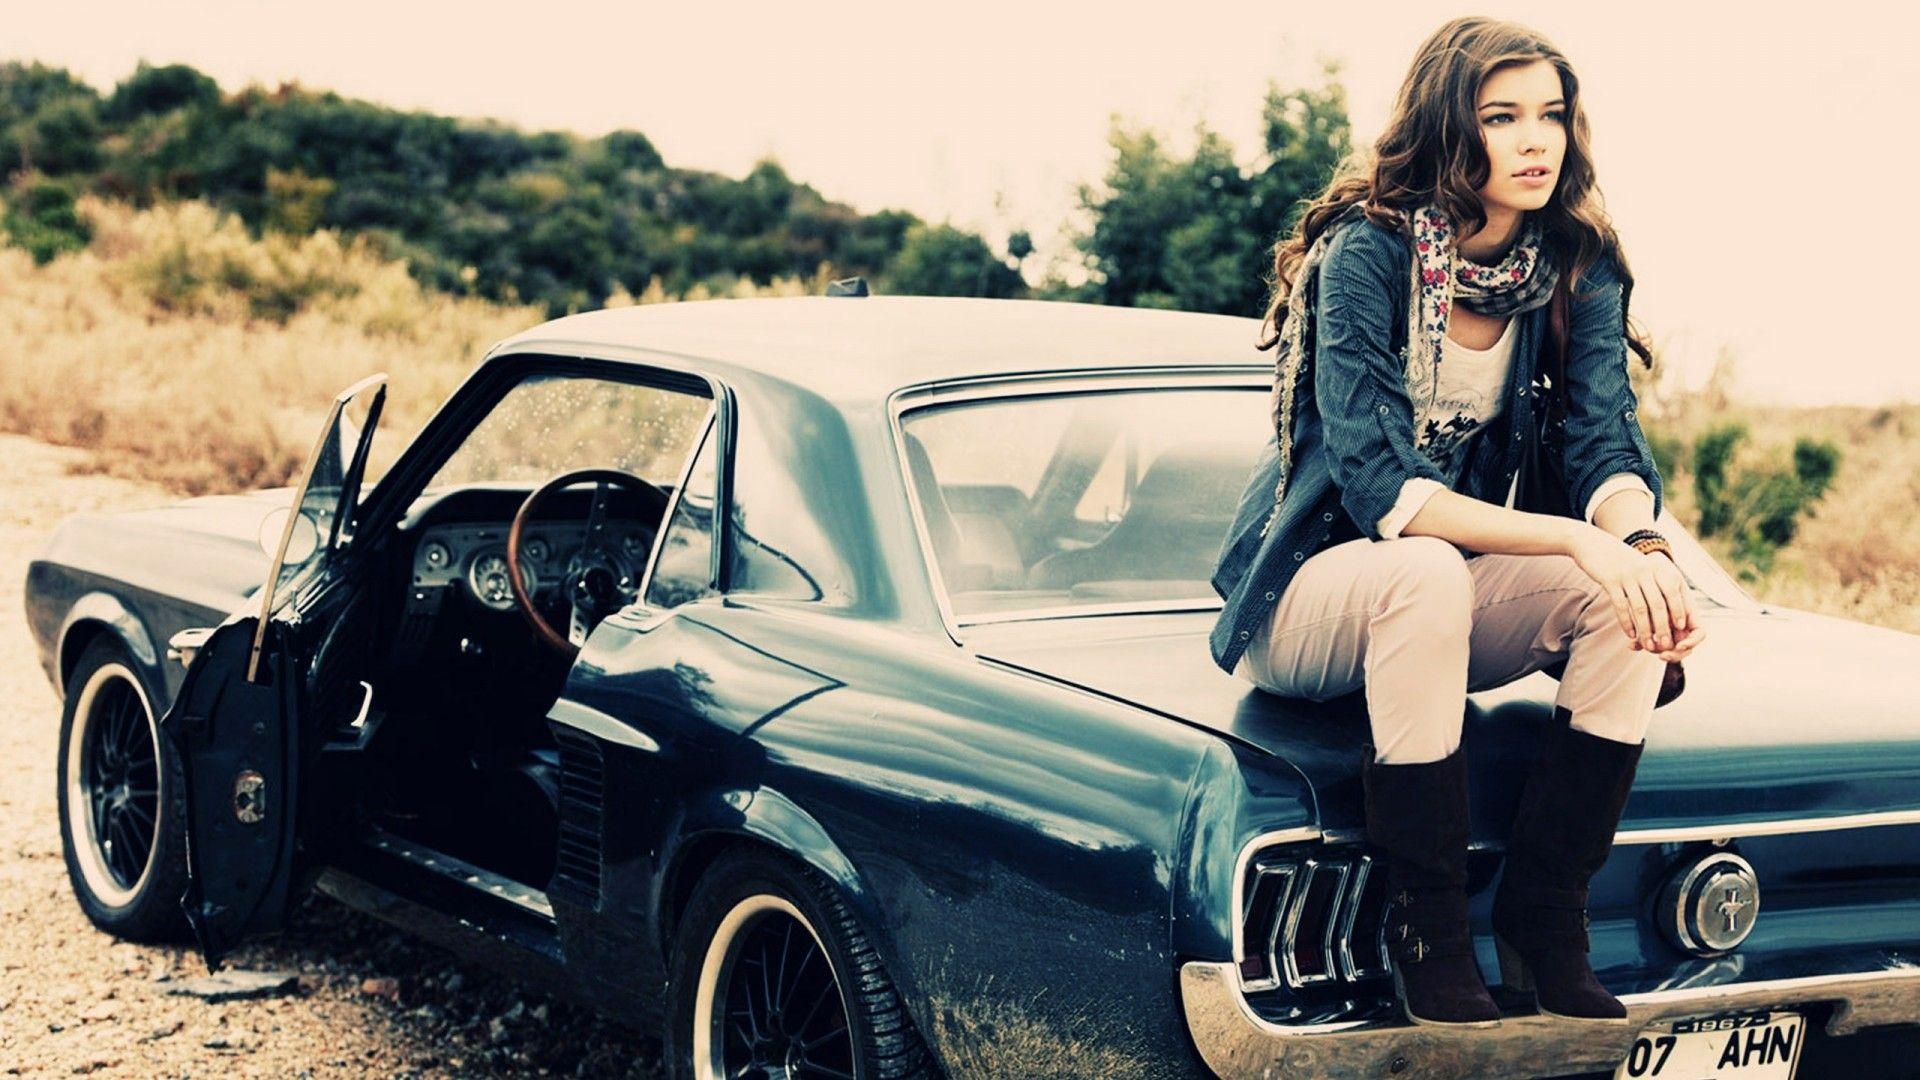 Vintage Hot Girl Background | Vintage | Pinterest